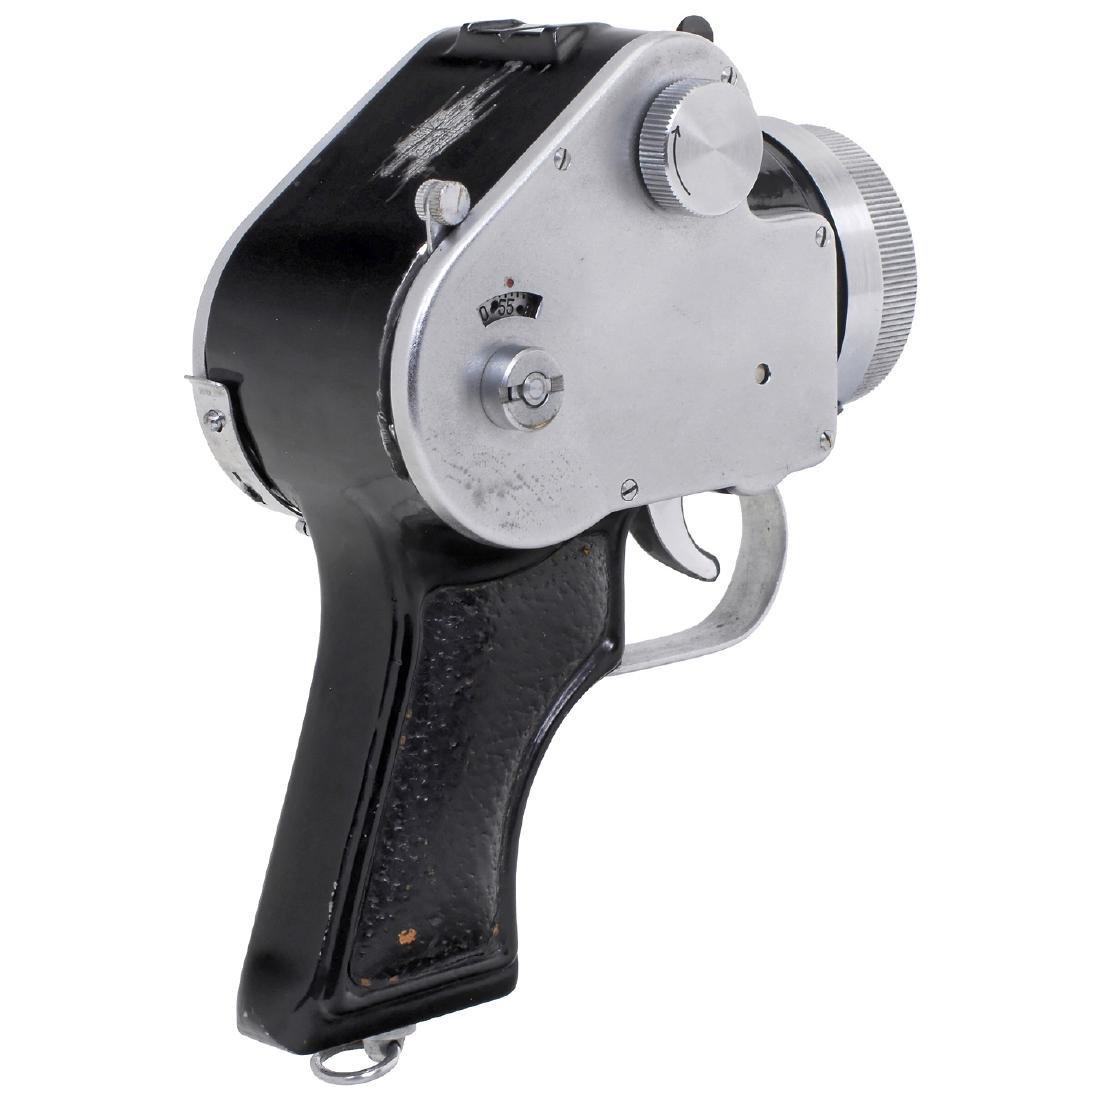 Mamiya Pistol Police Camera, 1954 - 2